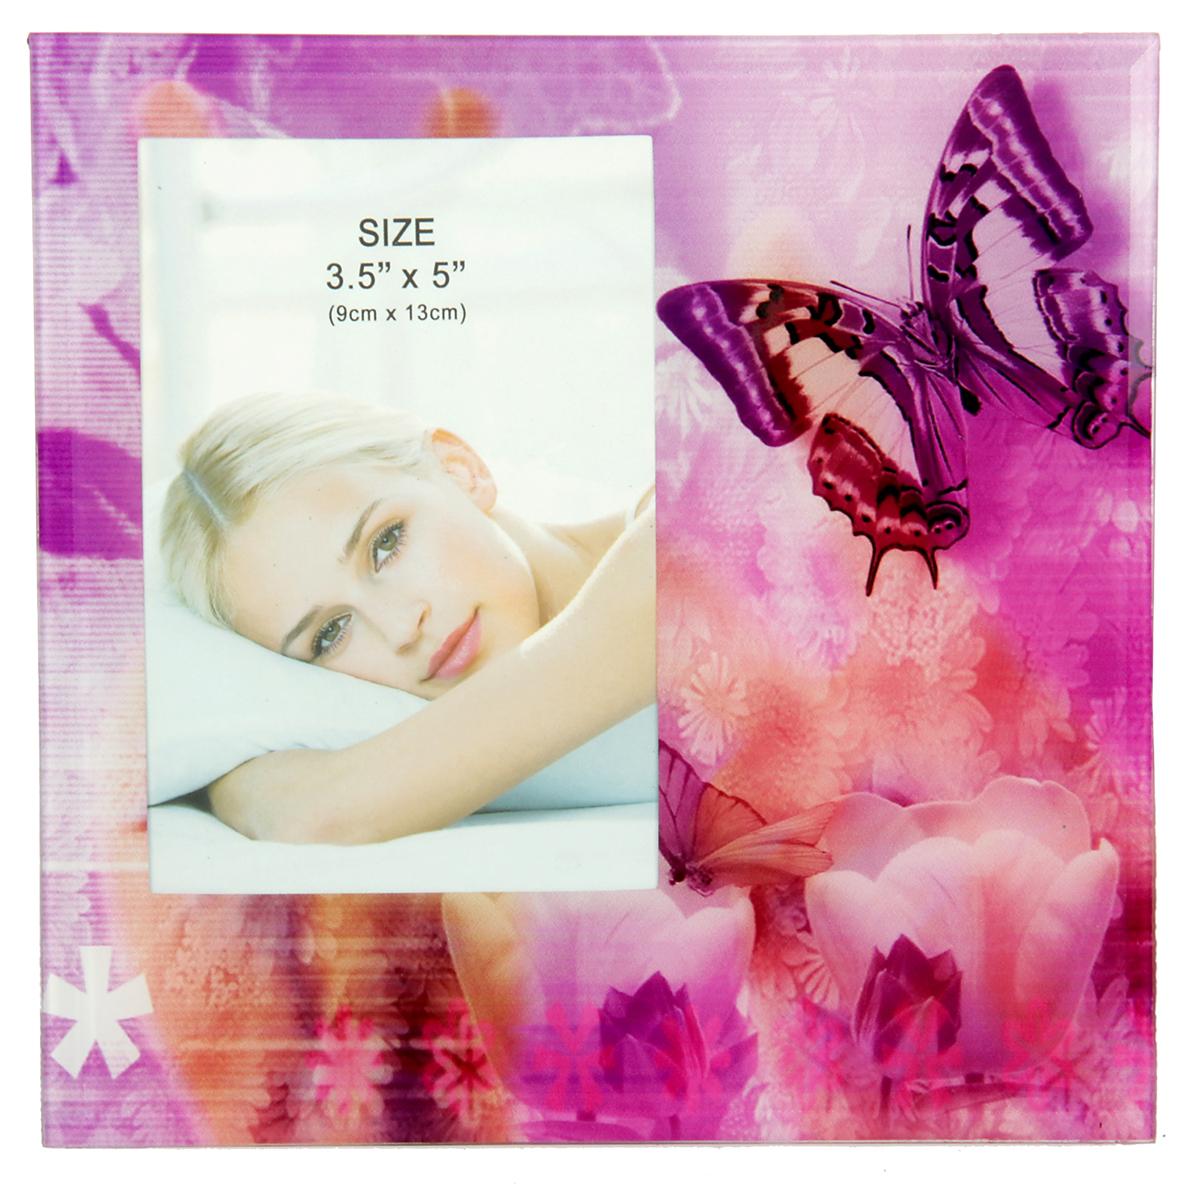 Фоторамка Сиреневая бабочка, стекло, 9 х 13 см , цвет: розовый. 10337201033720